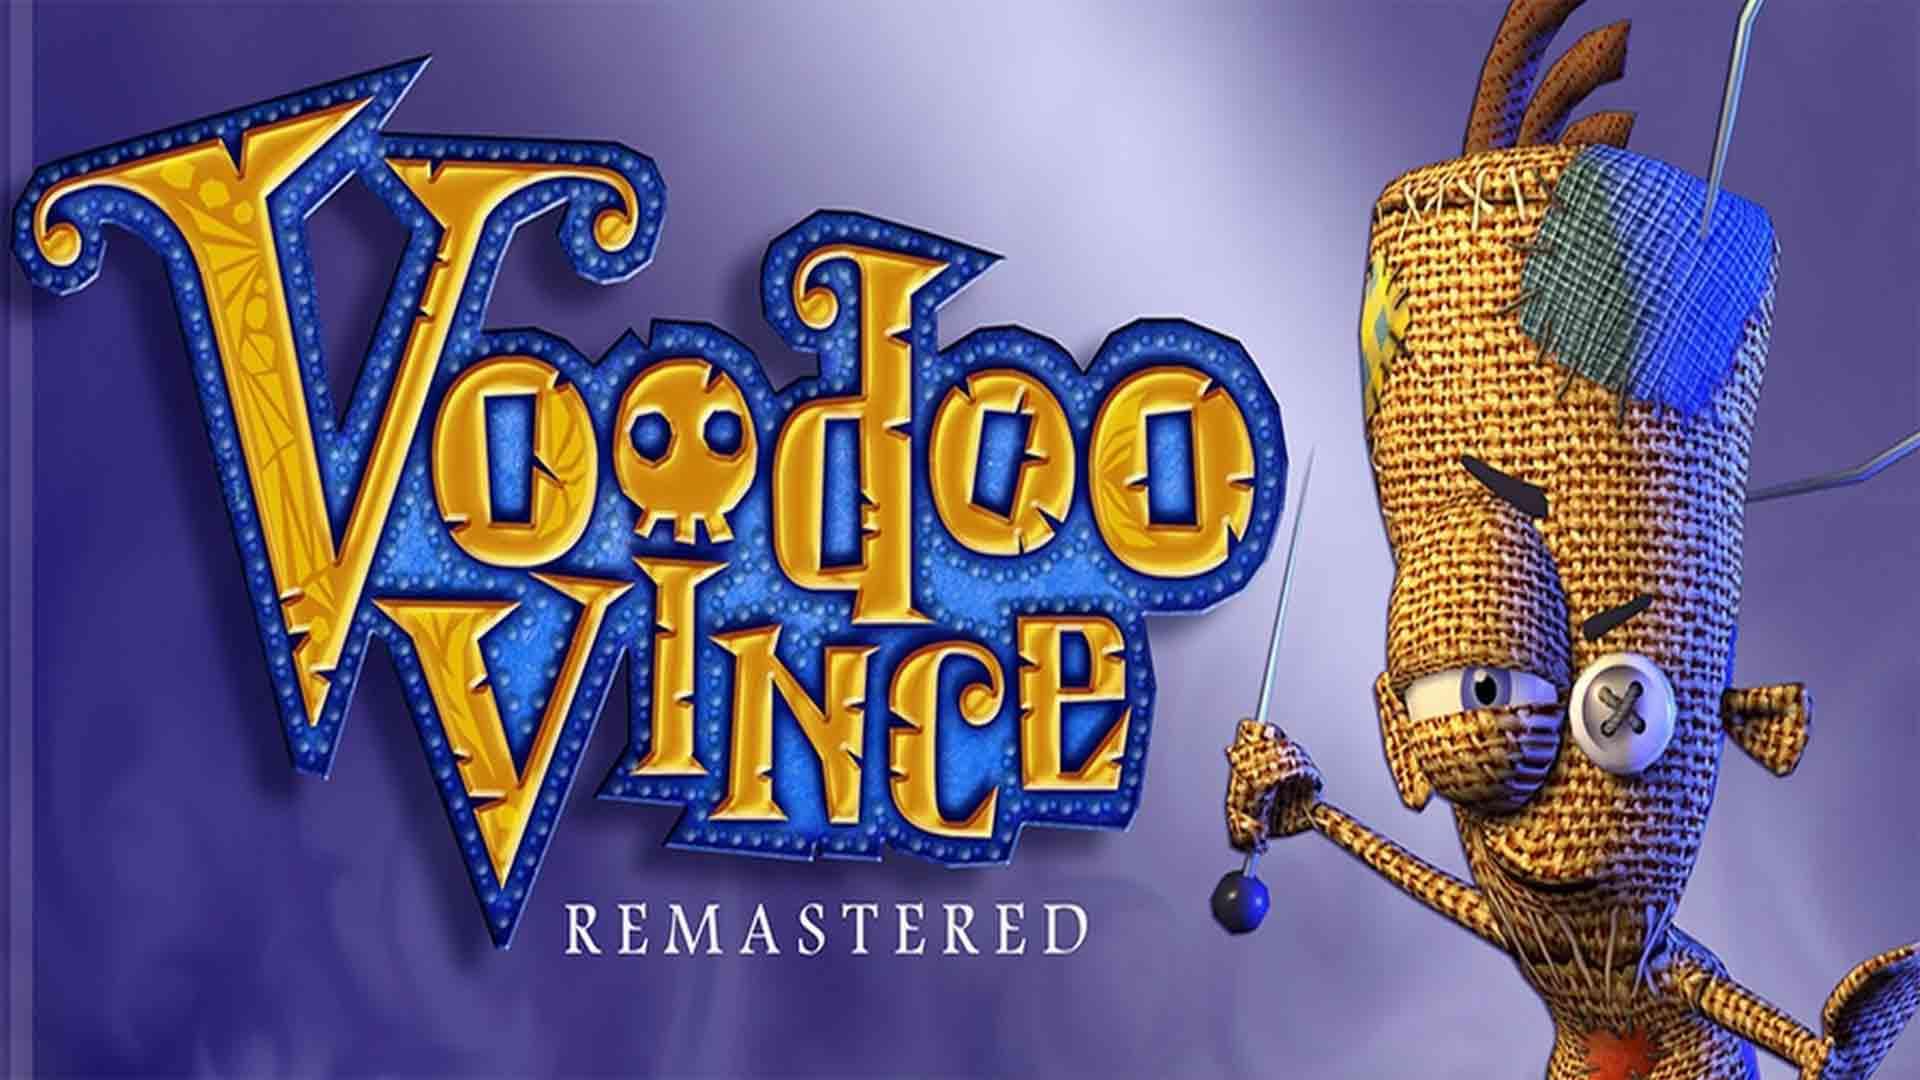 Voodoo Vince wallpaper